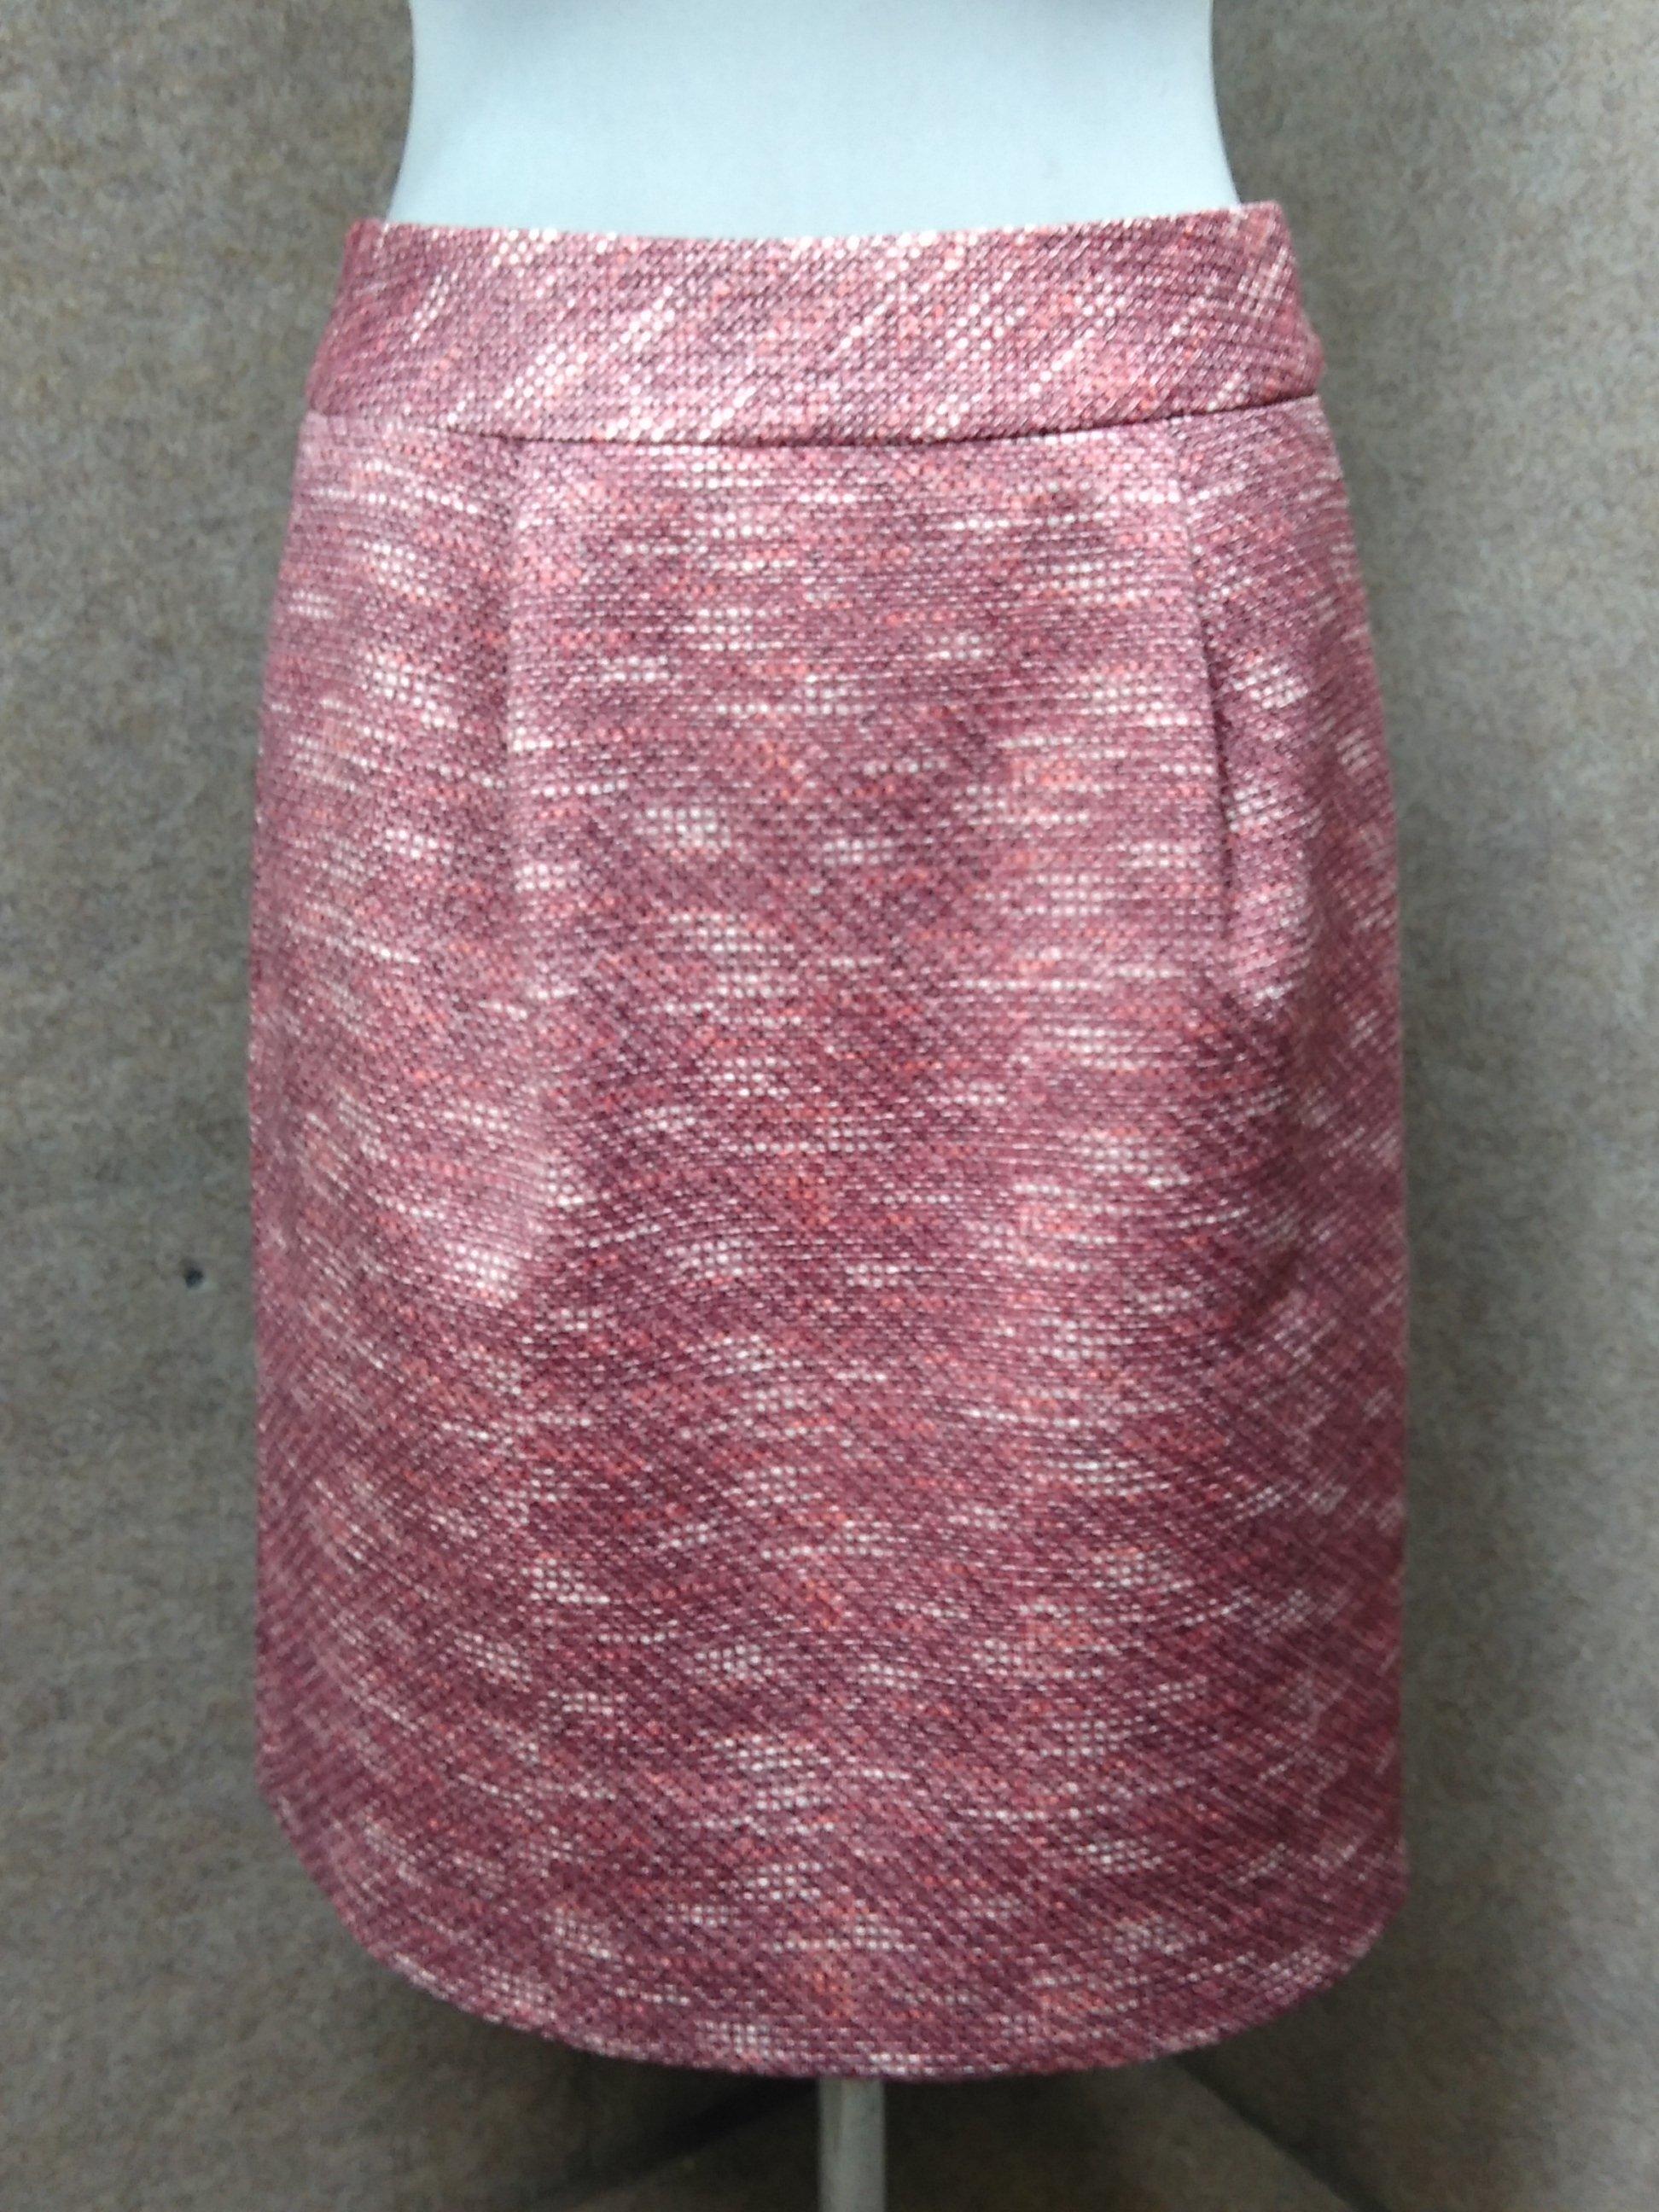 ロートレアモン LAUTREAMONT スカート 38 ピンク系 my677e